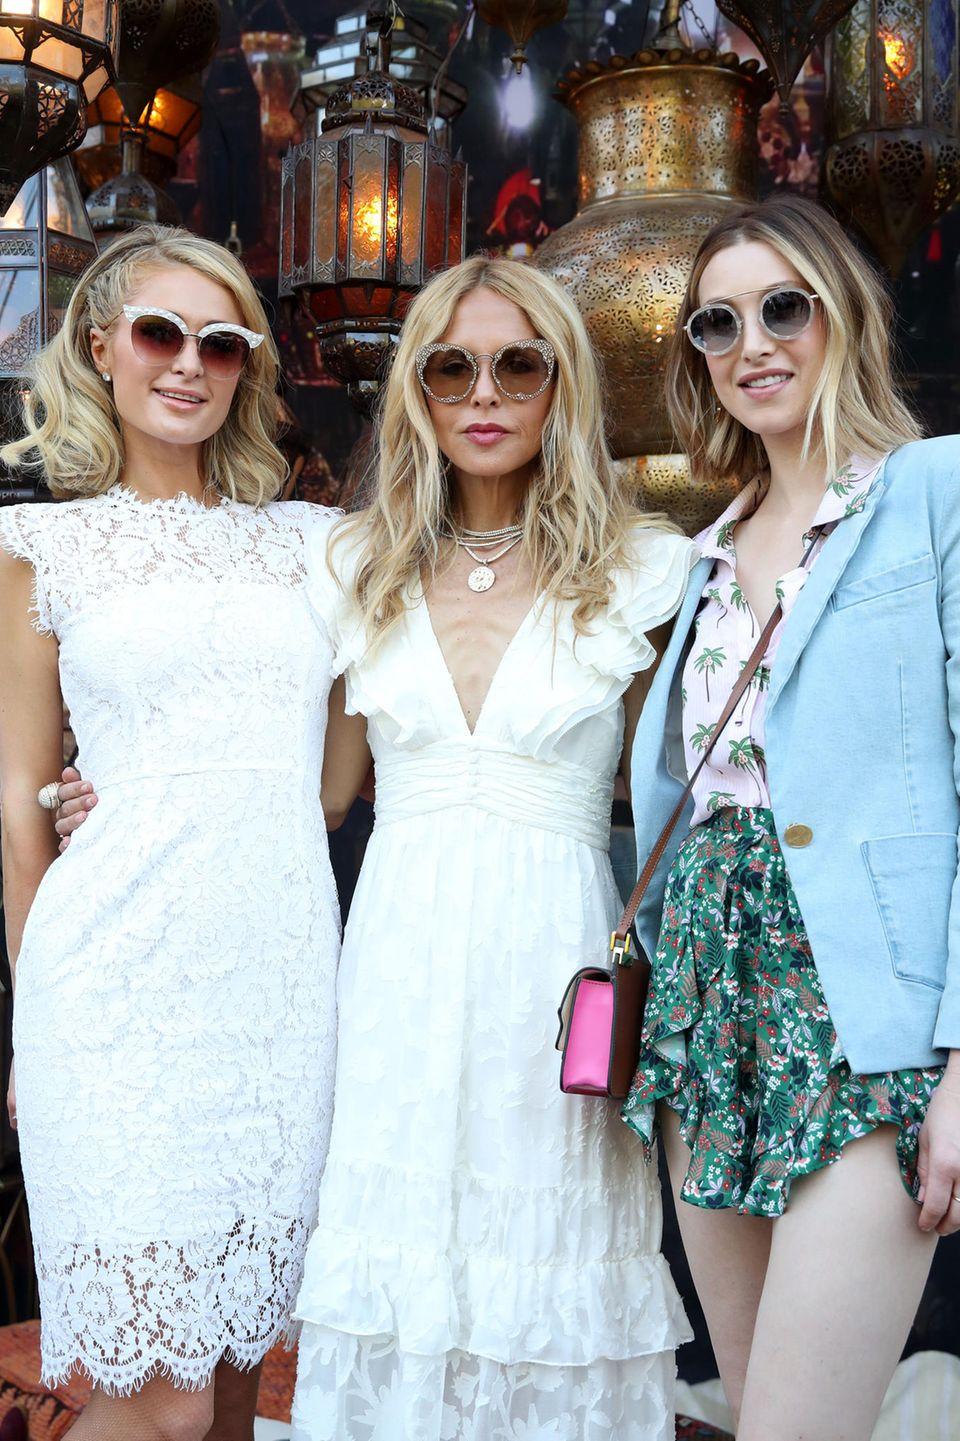 Coachella geht auch elegant. Paris Hilton, Rachel Zoe und Whitney Port rocken das Festival in verspielten Kleidern.